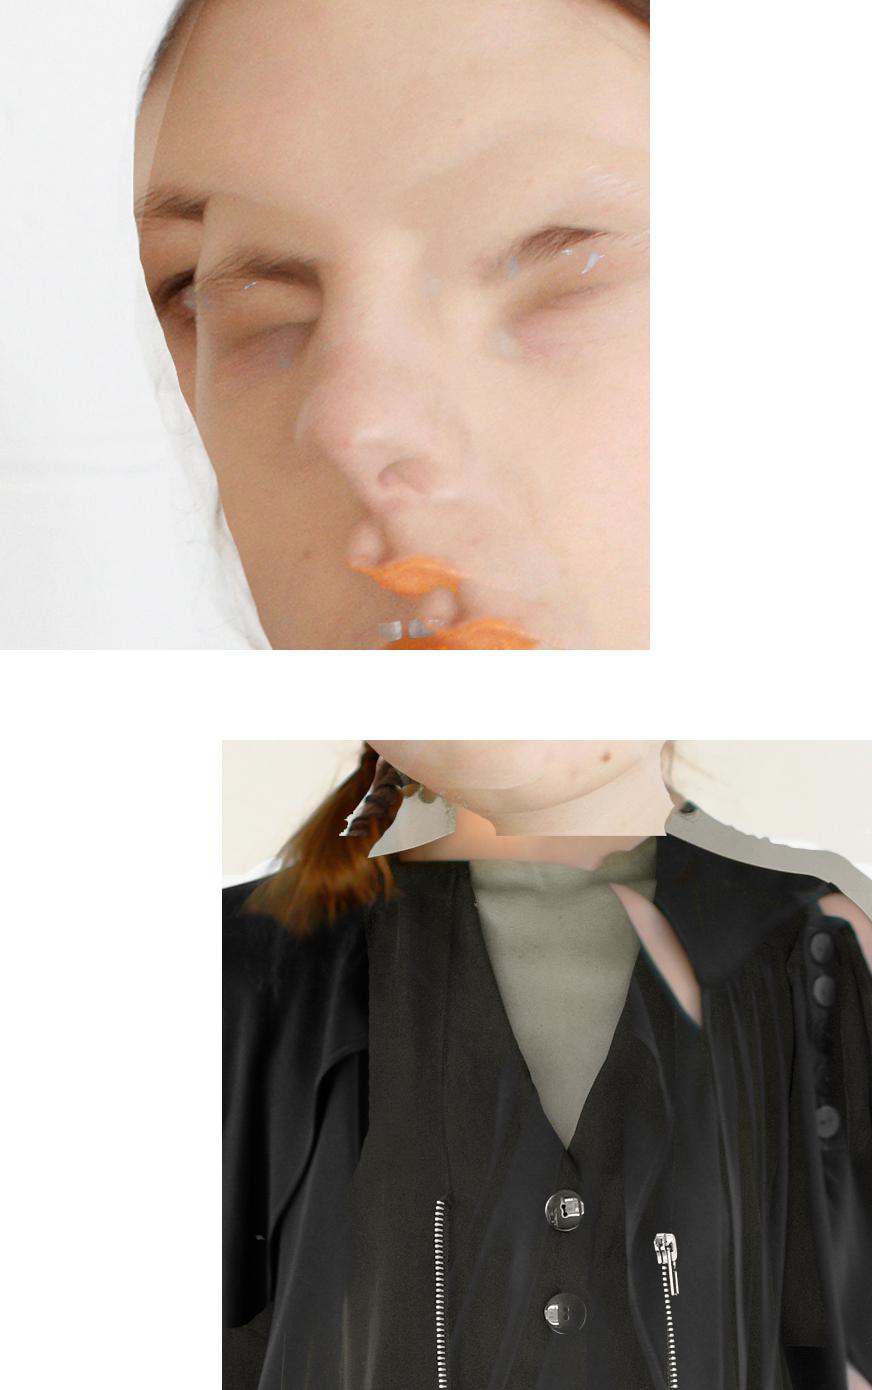 DRESS ltd BLACK DRESS MUSEUM DOLL digital distortions, Aren't They Too Cute?